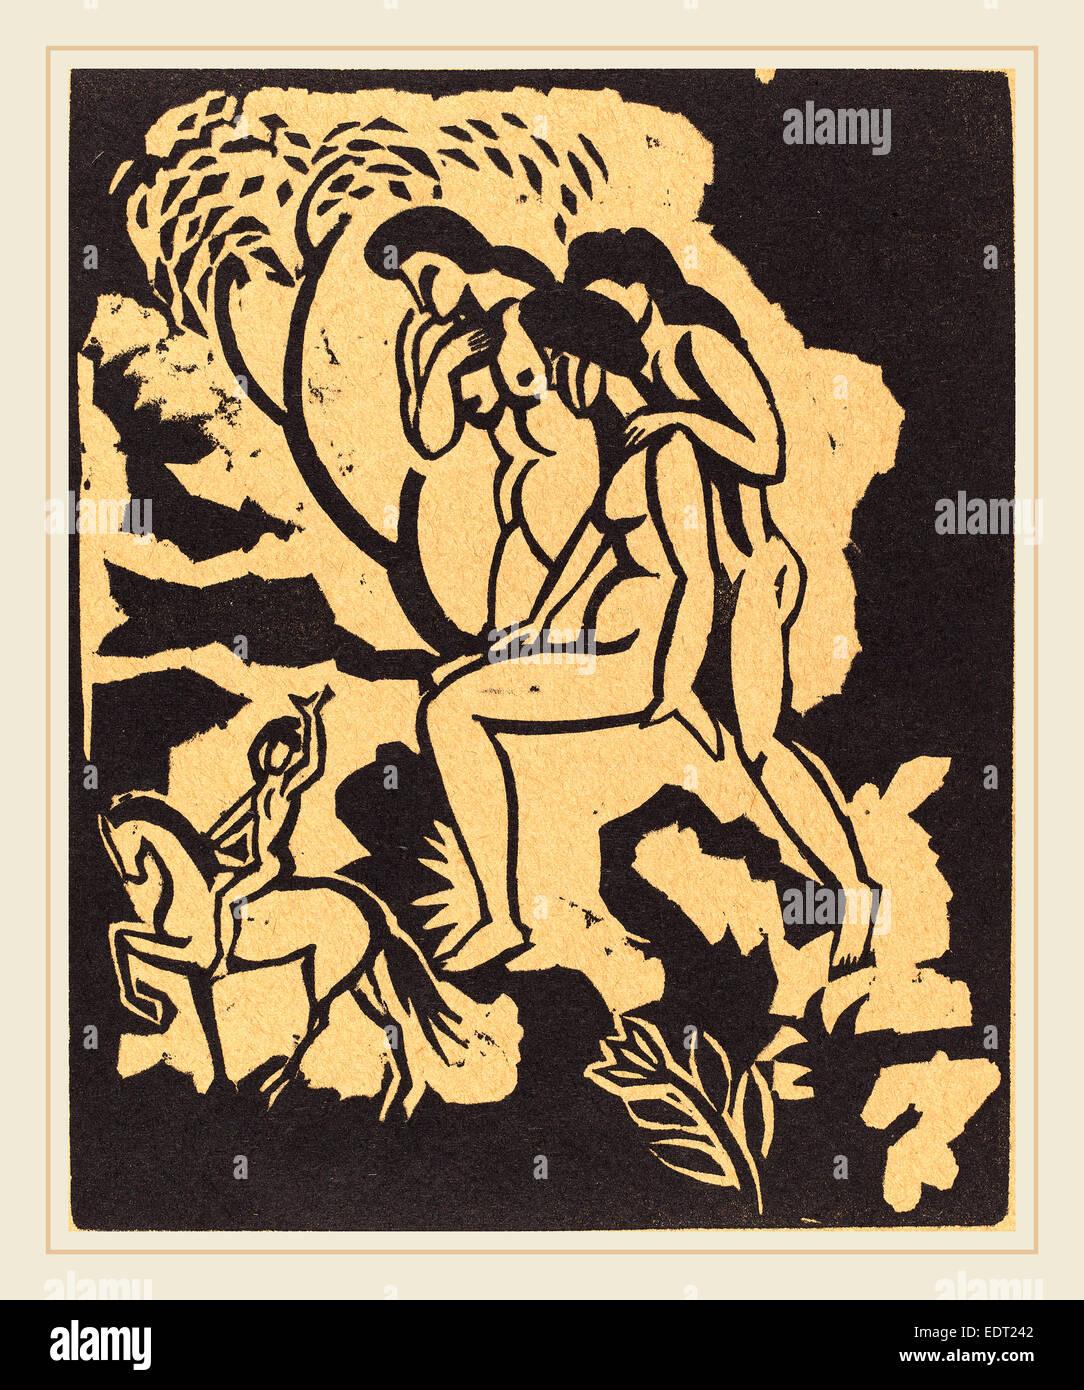 August Macke, Begrüssung (saluto), Tedesco, 1887-1914, xilografia in nero su carta marrone chiaro Immagini Stock